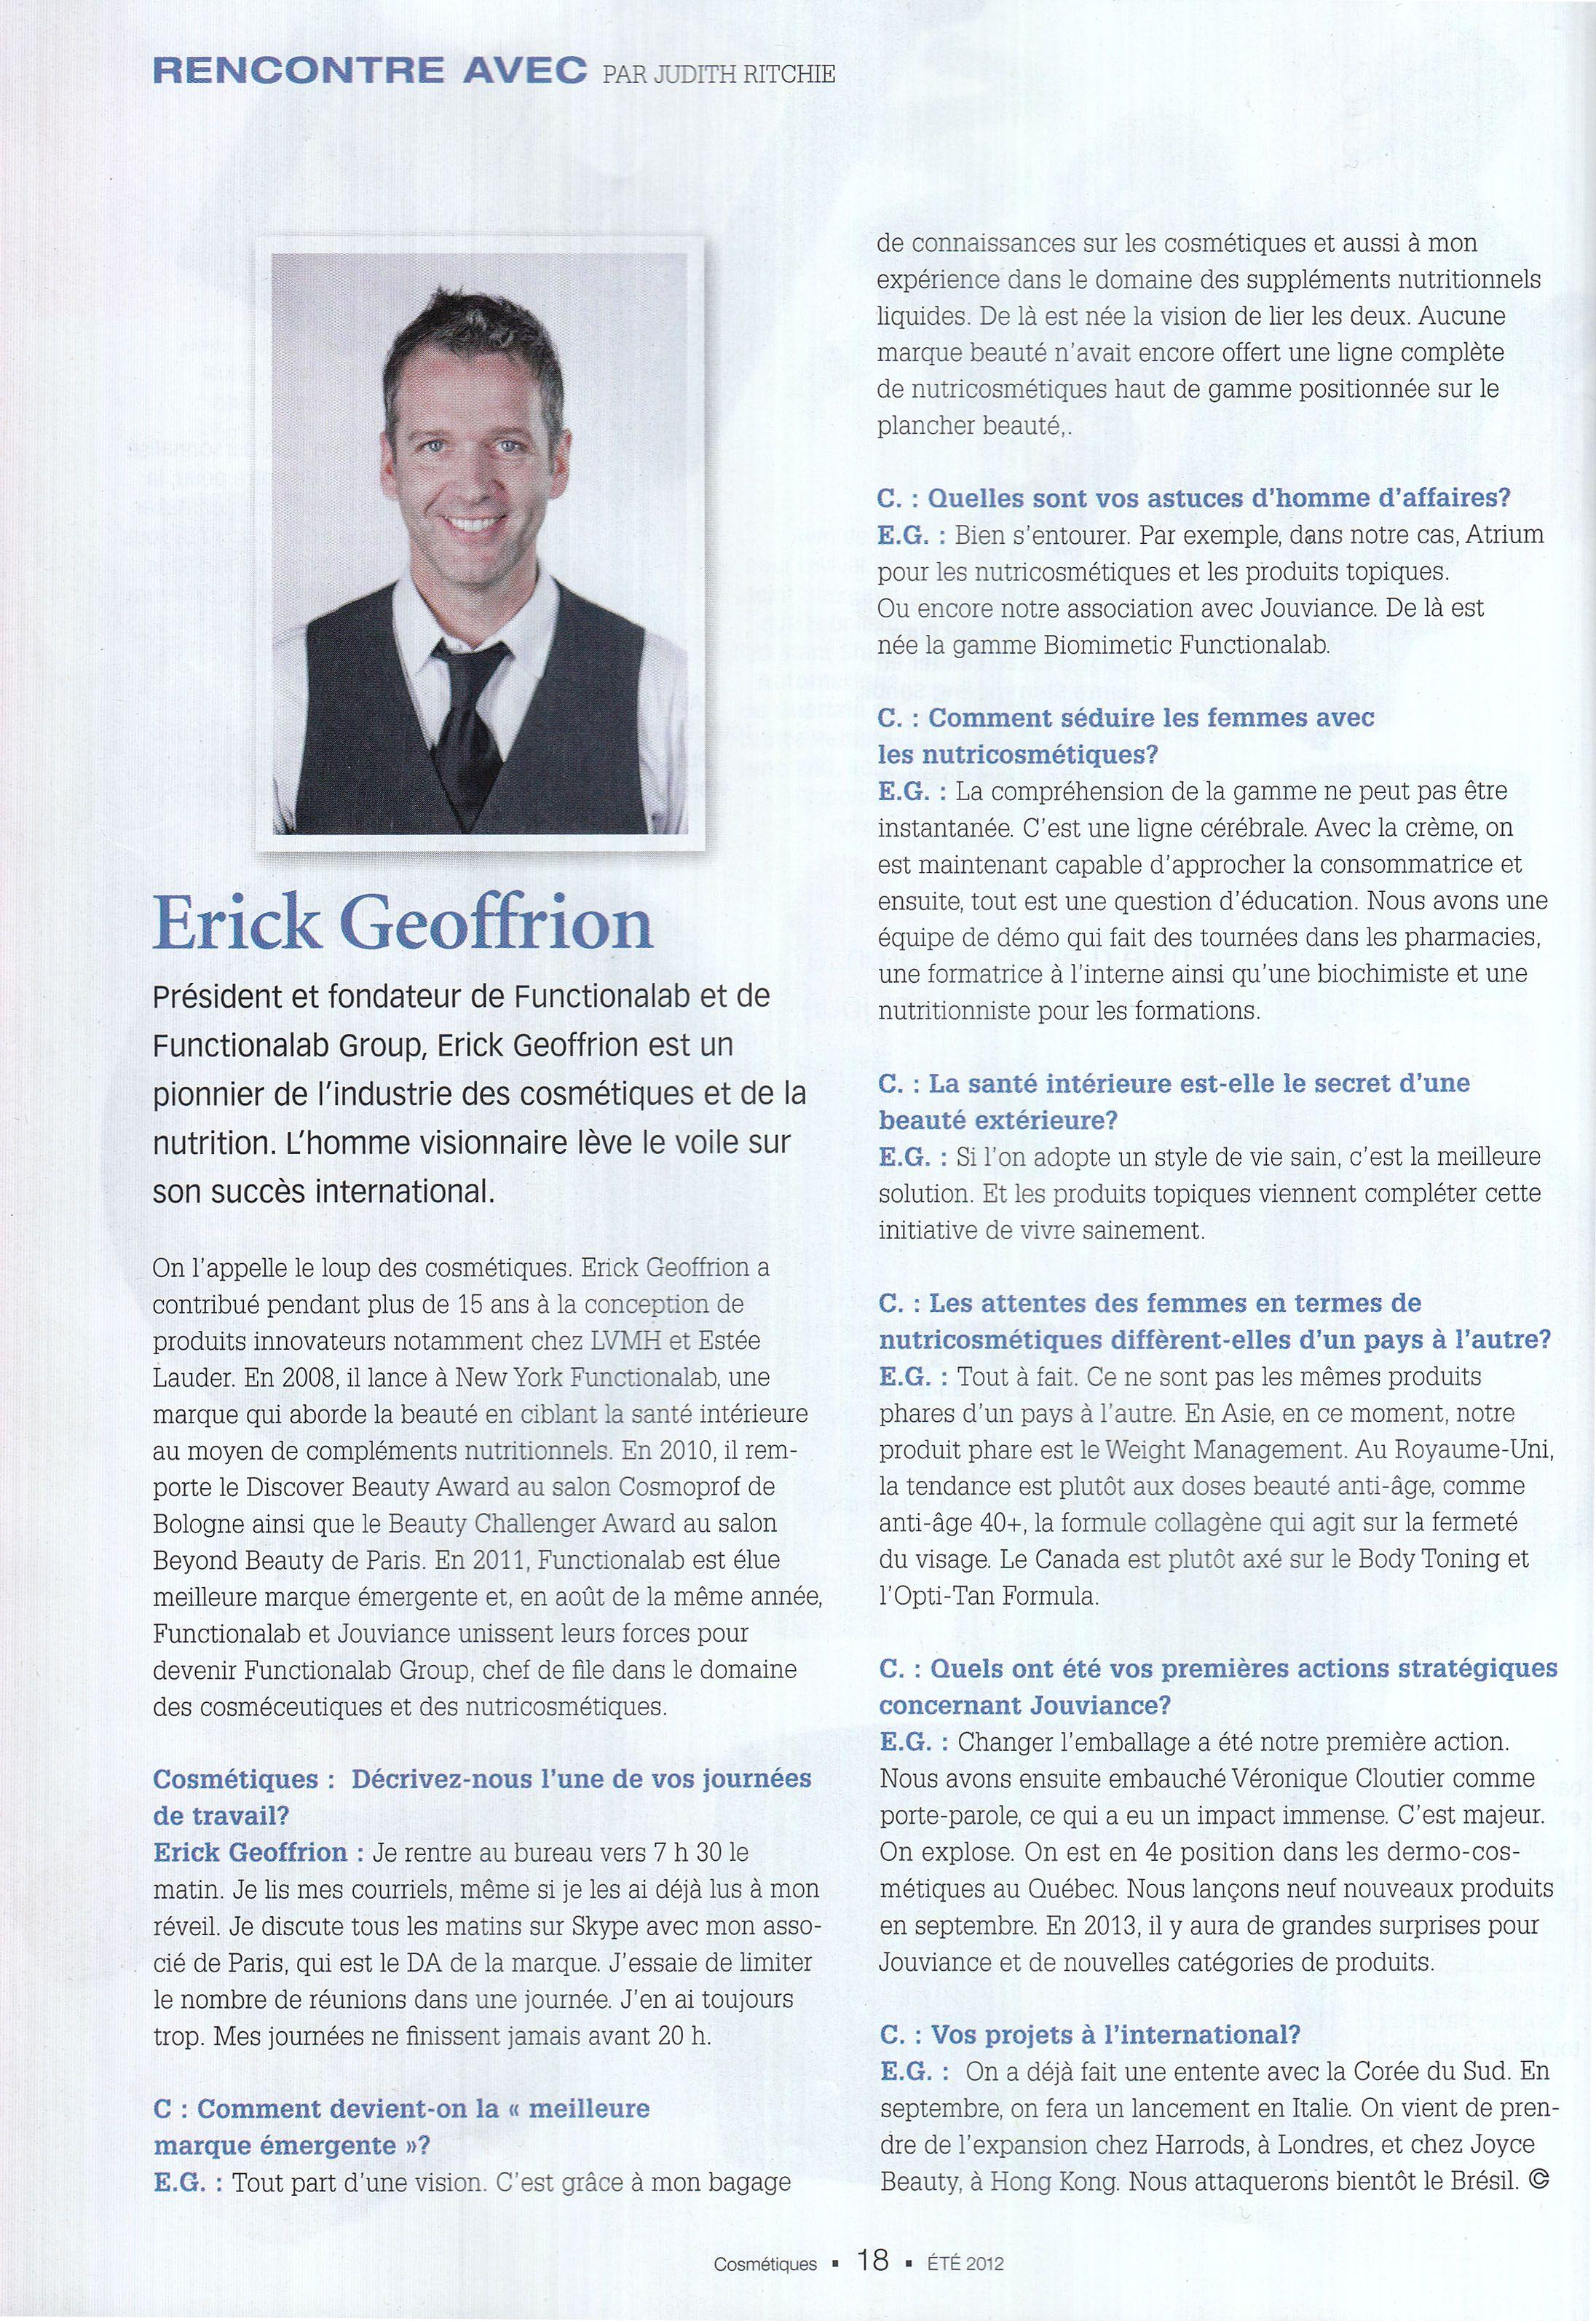 """Cosmétiques, Été 2012: """"Érick Geoffrion est un pionnier de l'industrie des cosmétiques et de la nutrition"""""""